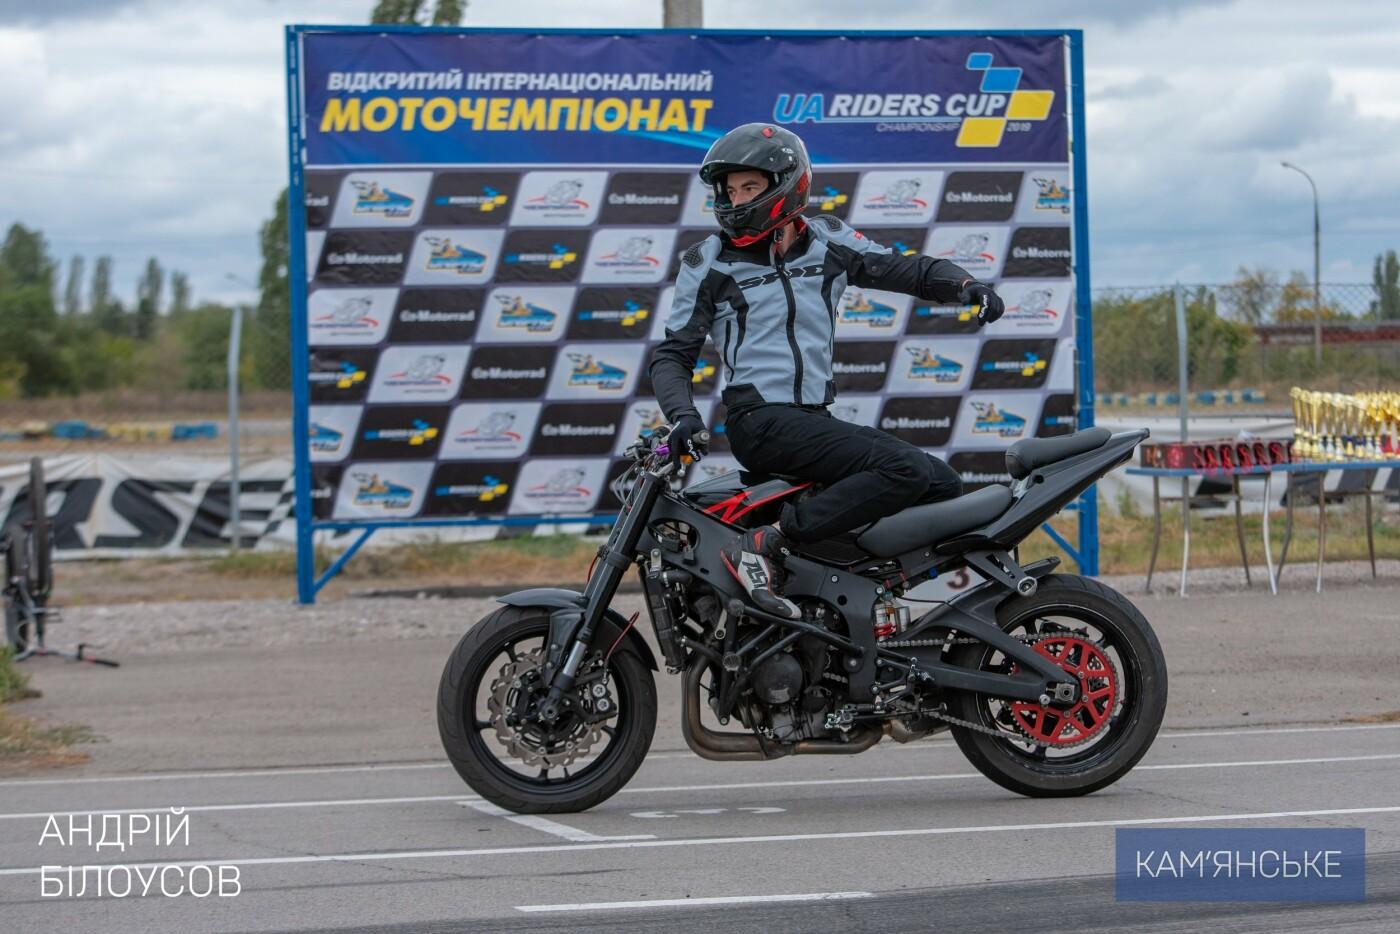 В Каменском прошел финал чемпионата по шоссейно-кольцевым гонкам - UA Riders CUP, фото-7